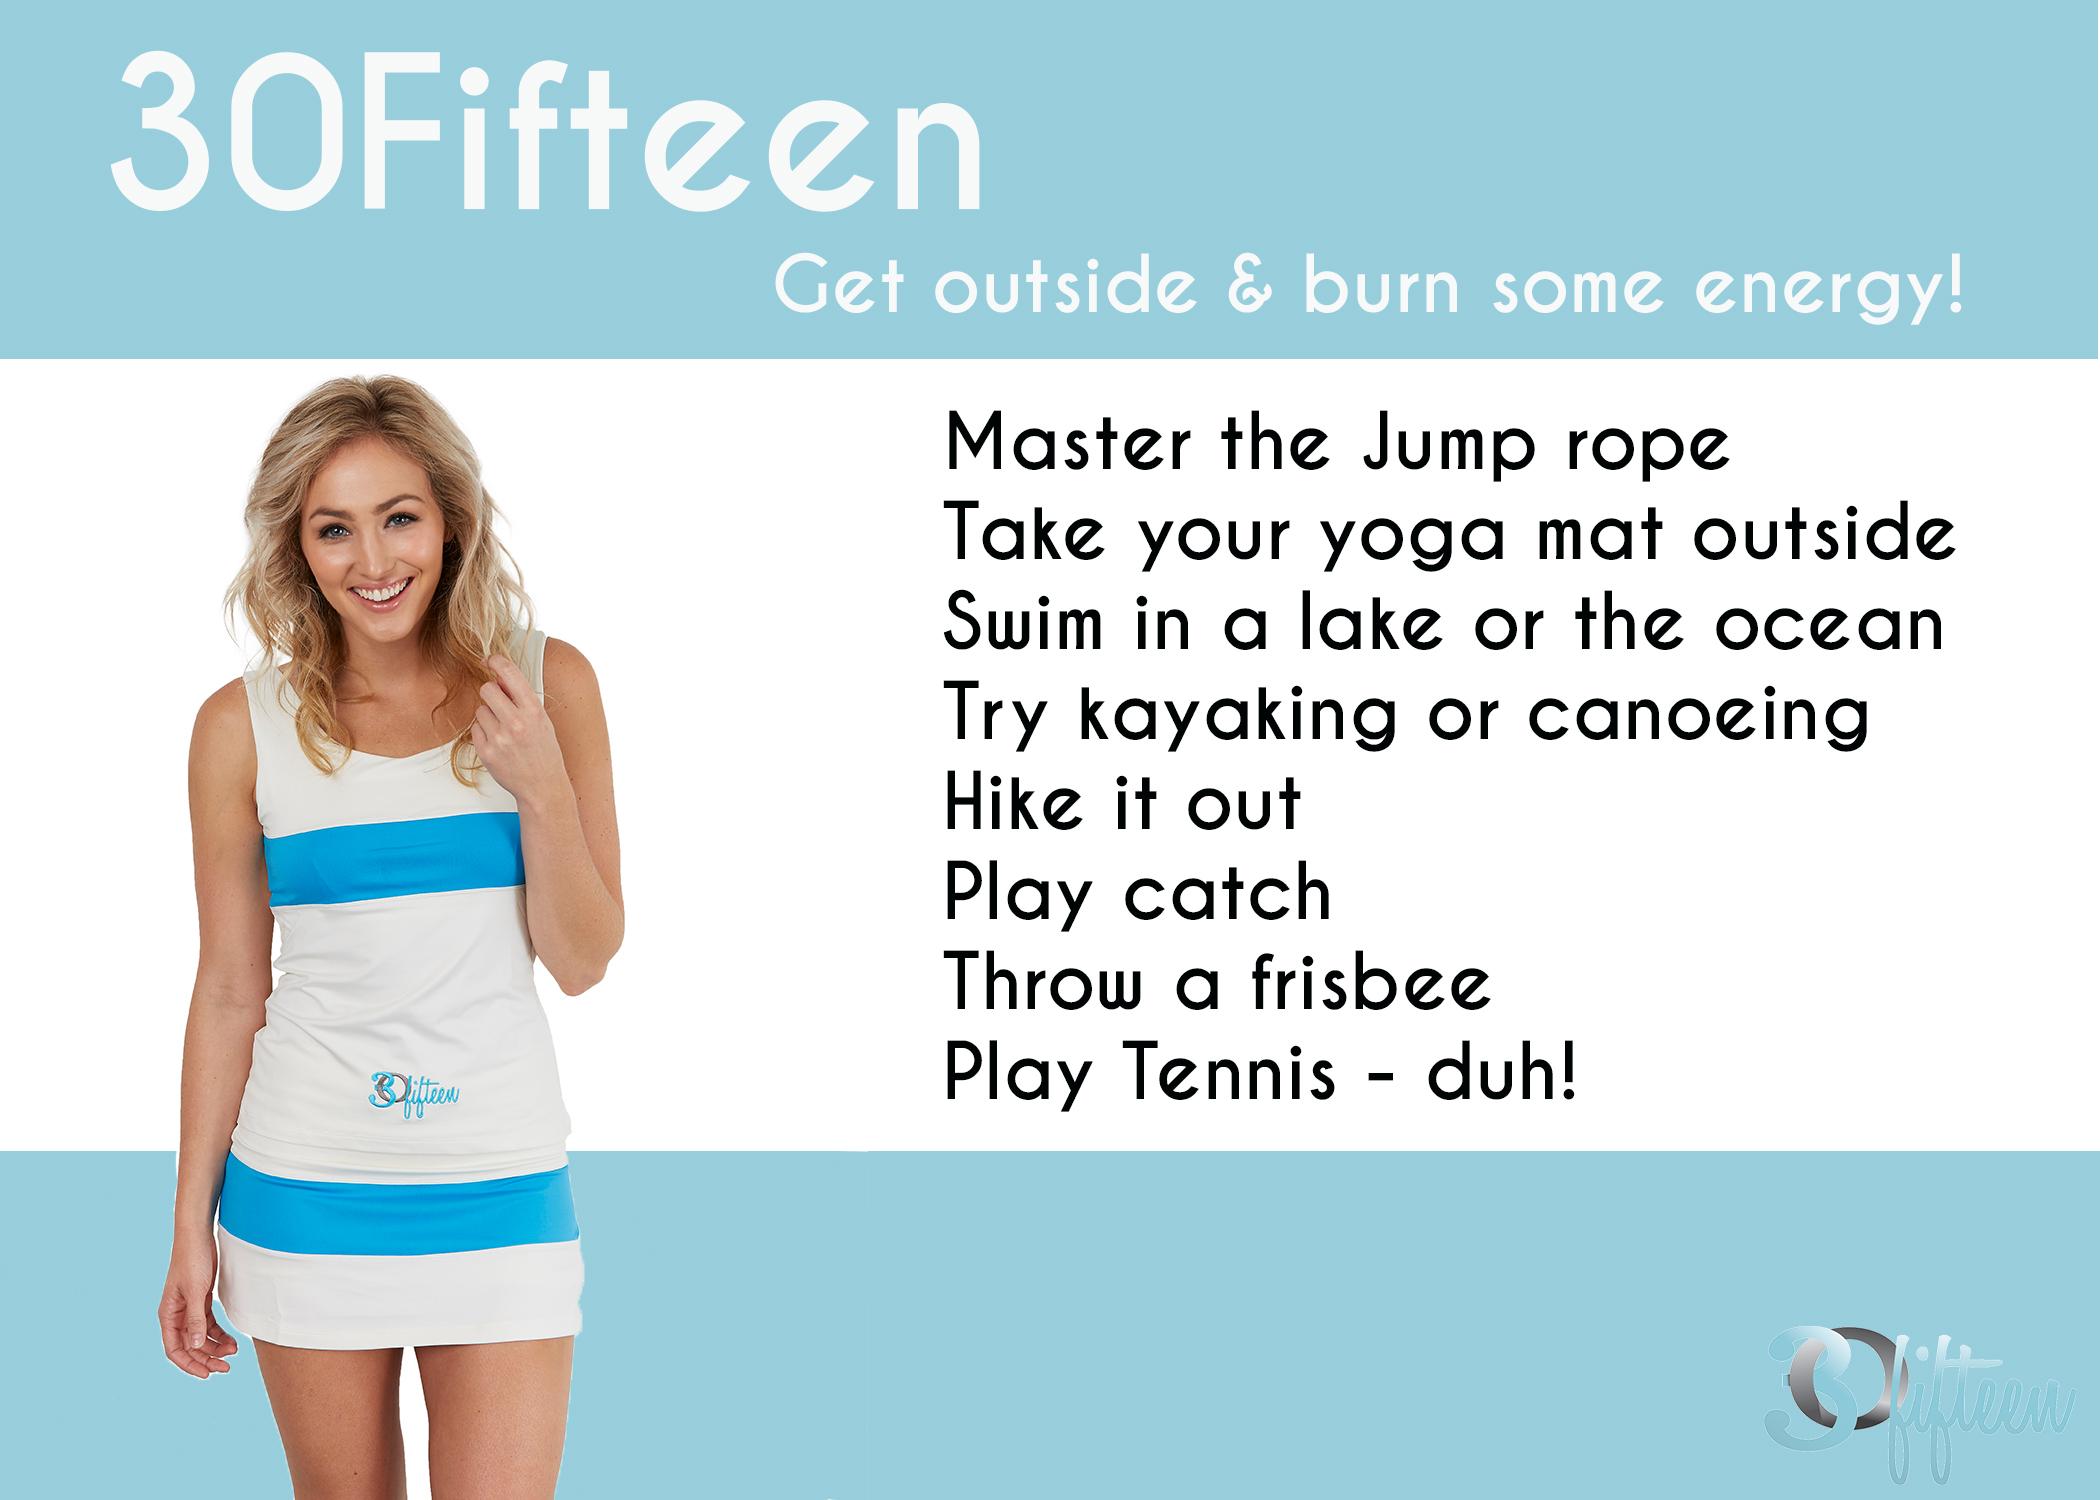 Summer activities 30Fifteen